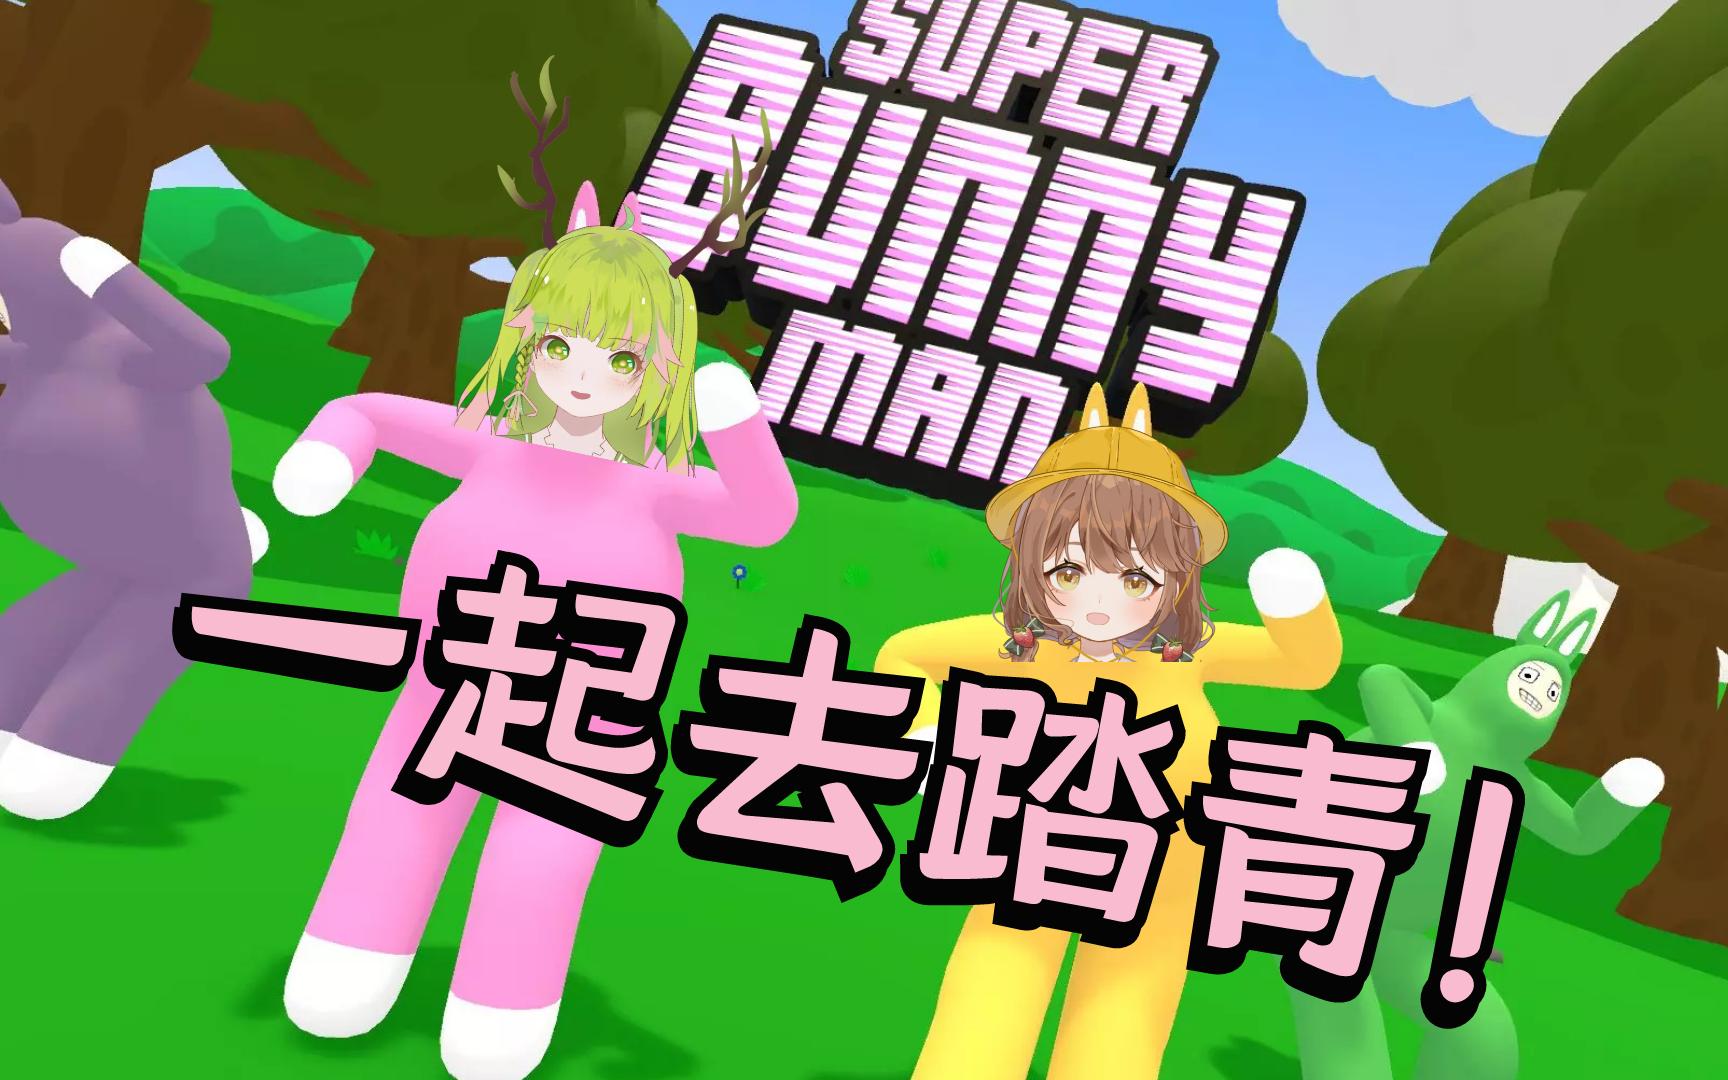 【一起去踏青!】阿水阿土超级兔子人高光集锦(1)